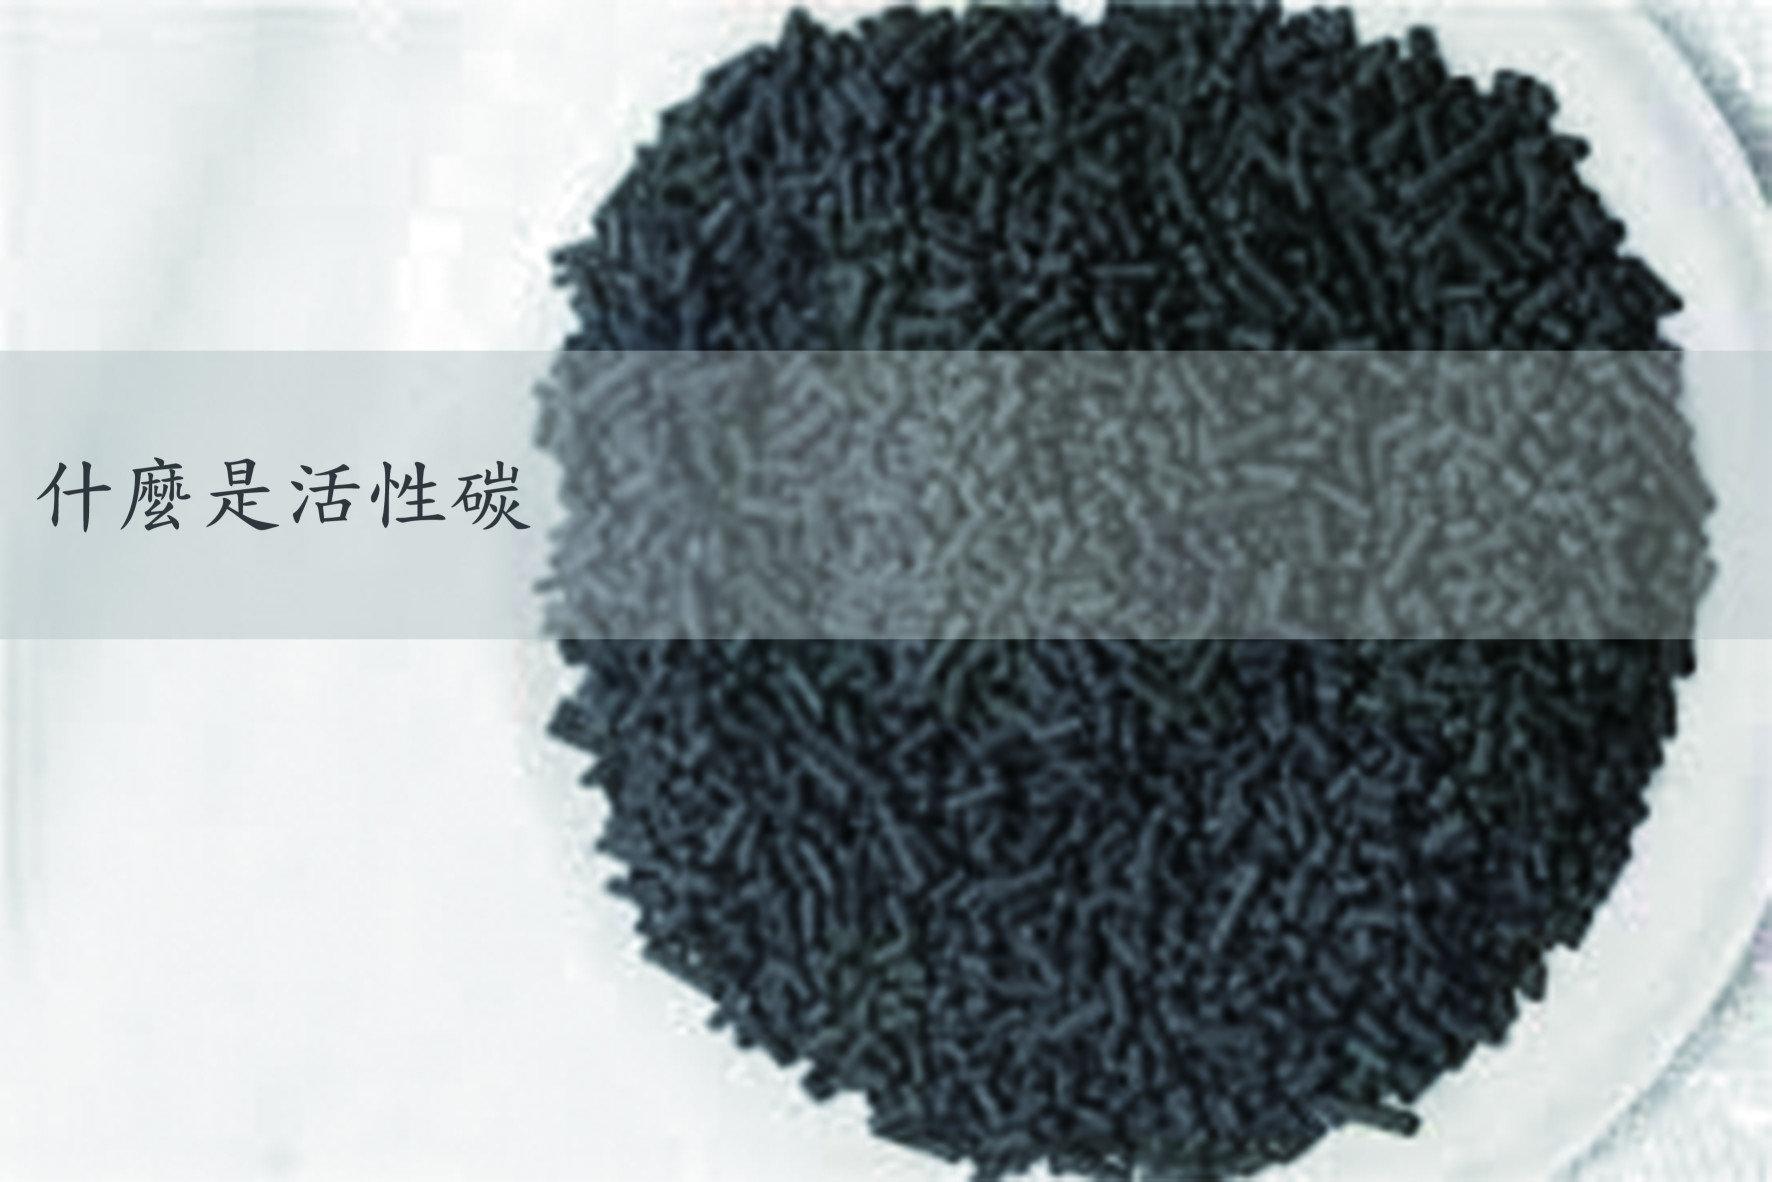 活性碳濾網功能到底為何?此外,「活性碳濾網」也是市面上常見的產品。活性碳由「椰子殼」、「瀝青」等物質高溫乾餾碳化後製成,透過去除其中的非碳成分,形成多孔的碳化物質。